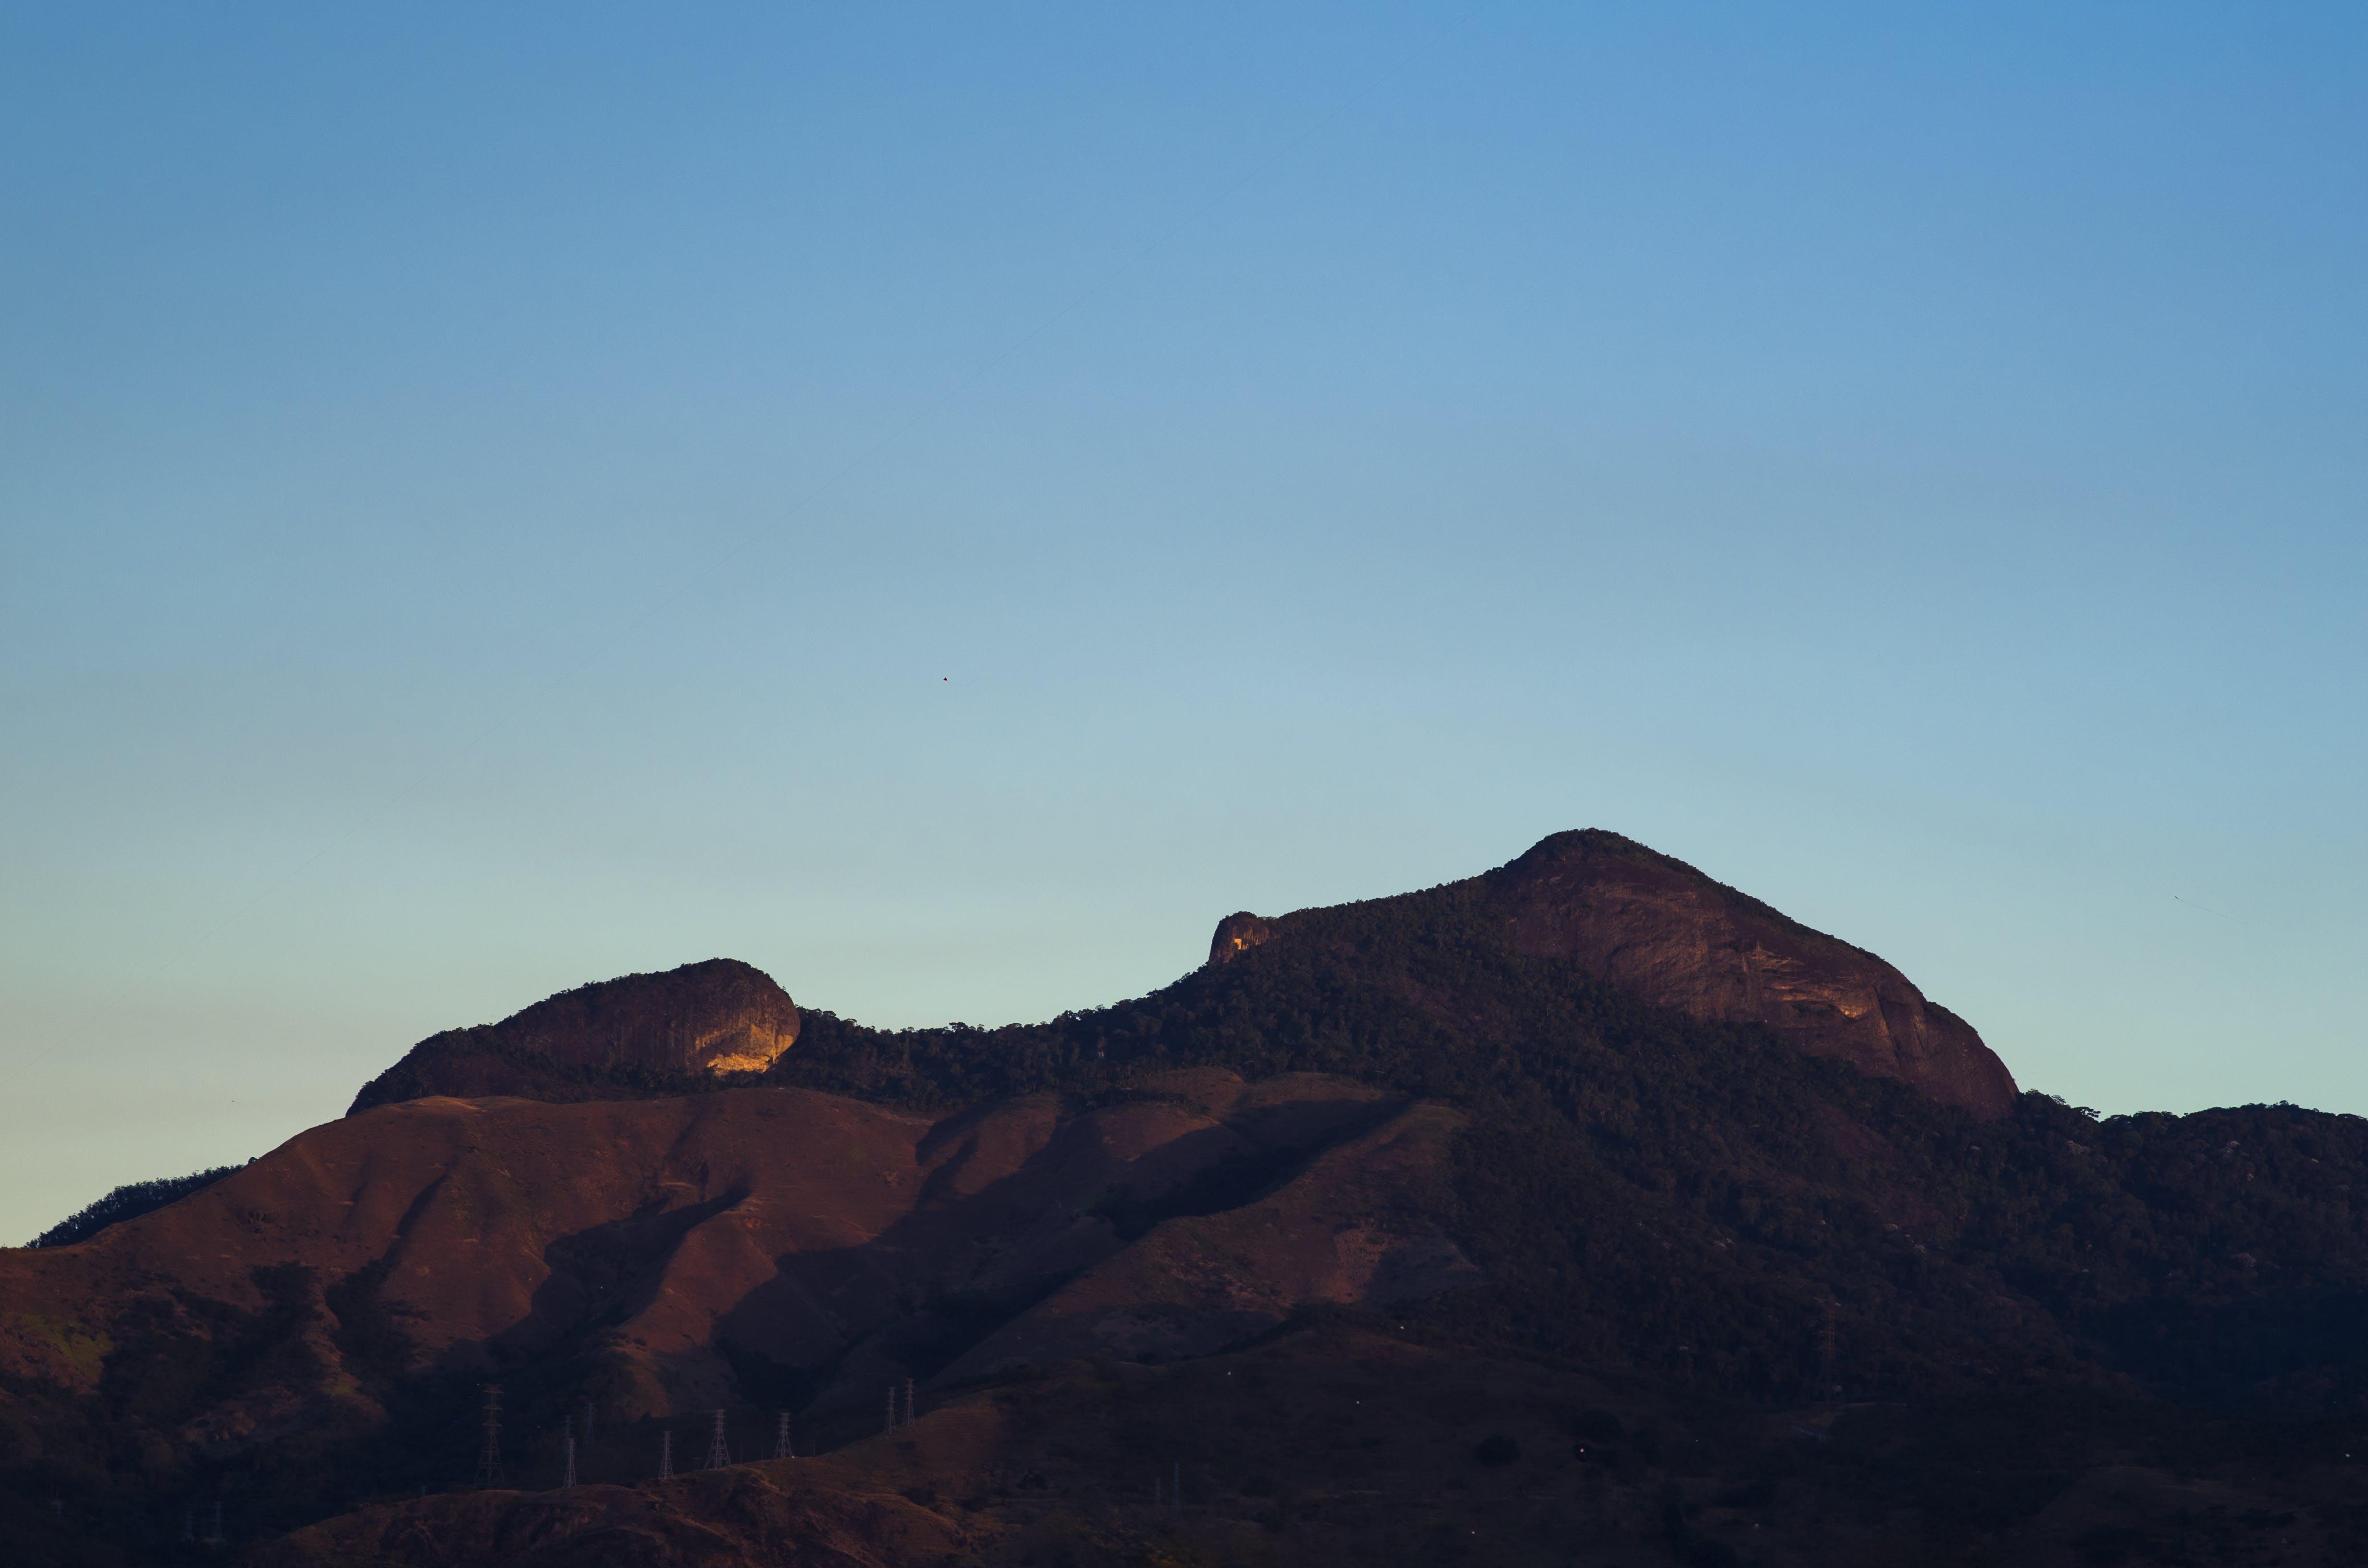 Gratis lagerfoto af bjerg, bruno scramgnon fotografia, bylandskab, floresta da tijuca